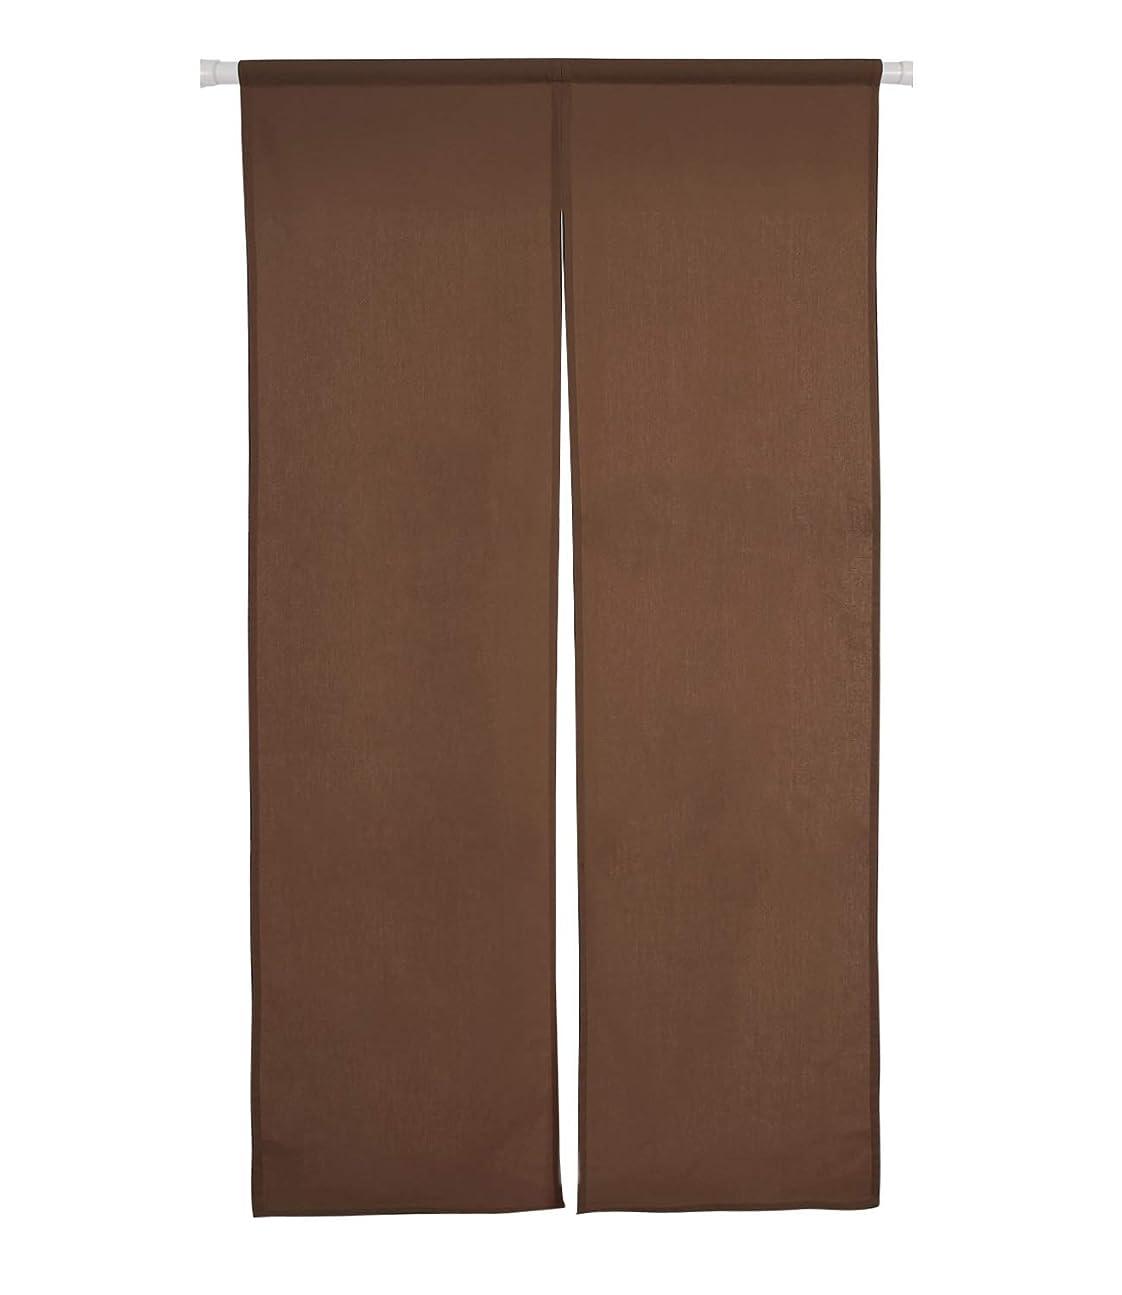 松弓座標Deconovo のれん 無地 和風 おしゃれ 北欧 幅72丈150cm ブラウン 全8色